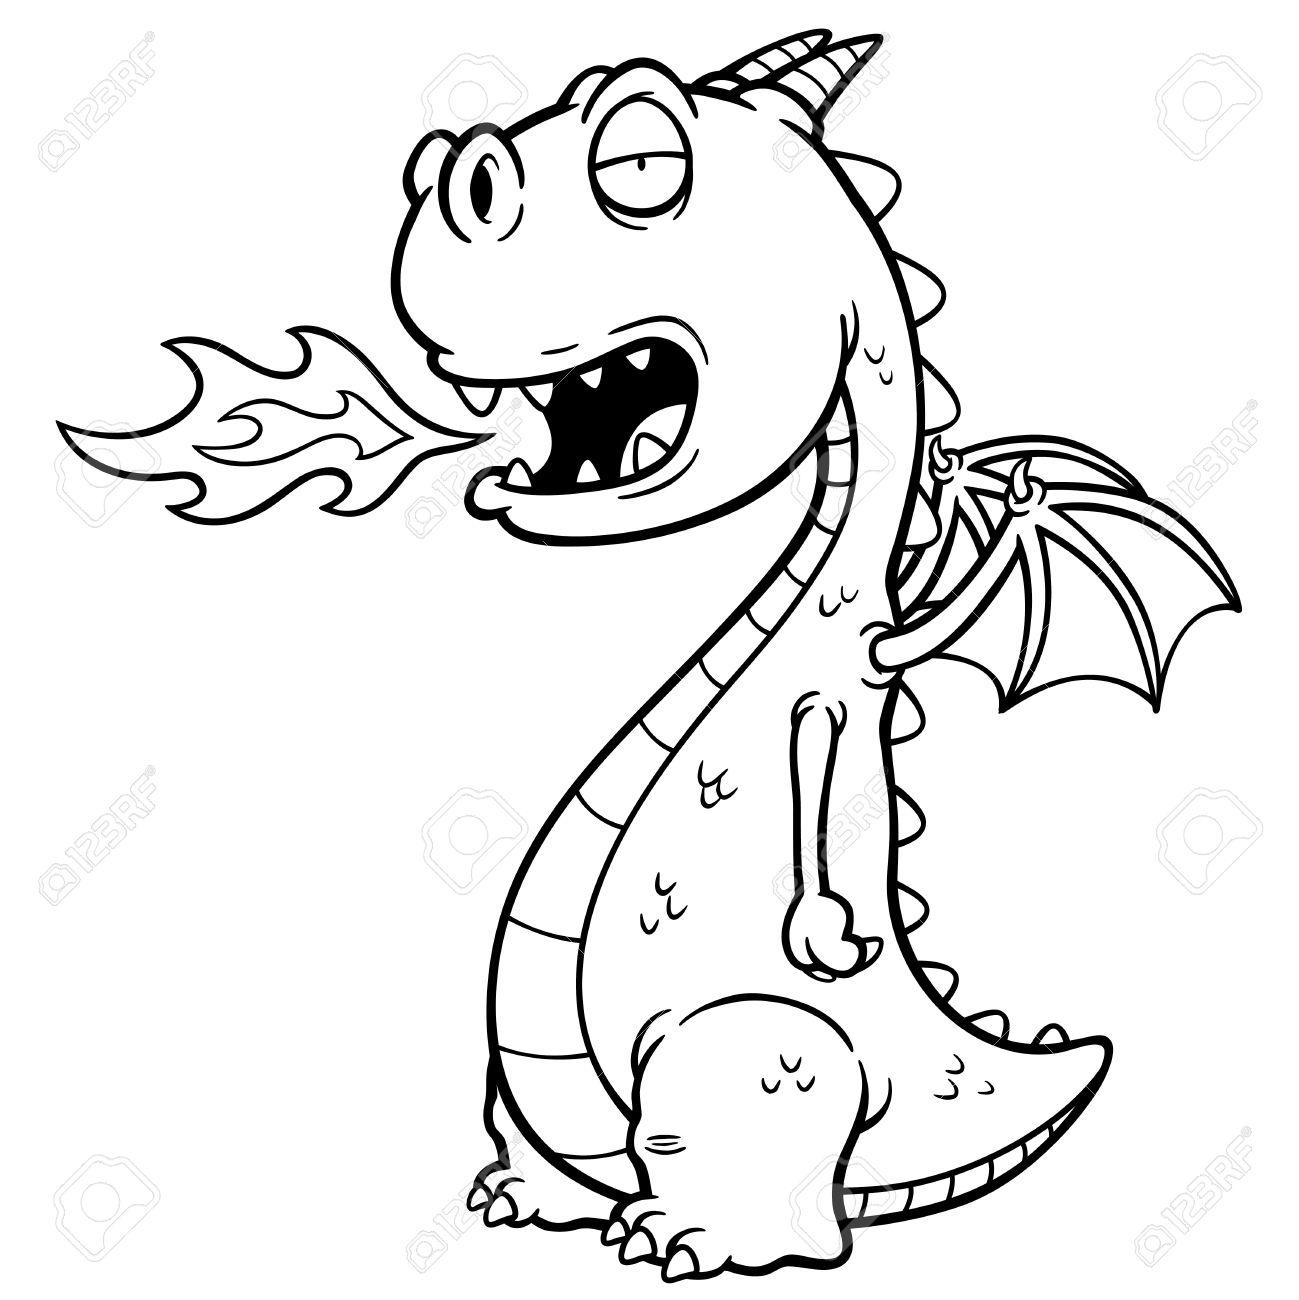 Ilustración Vectorial De Dragón De Dibujos Animados. Libro Para ...